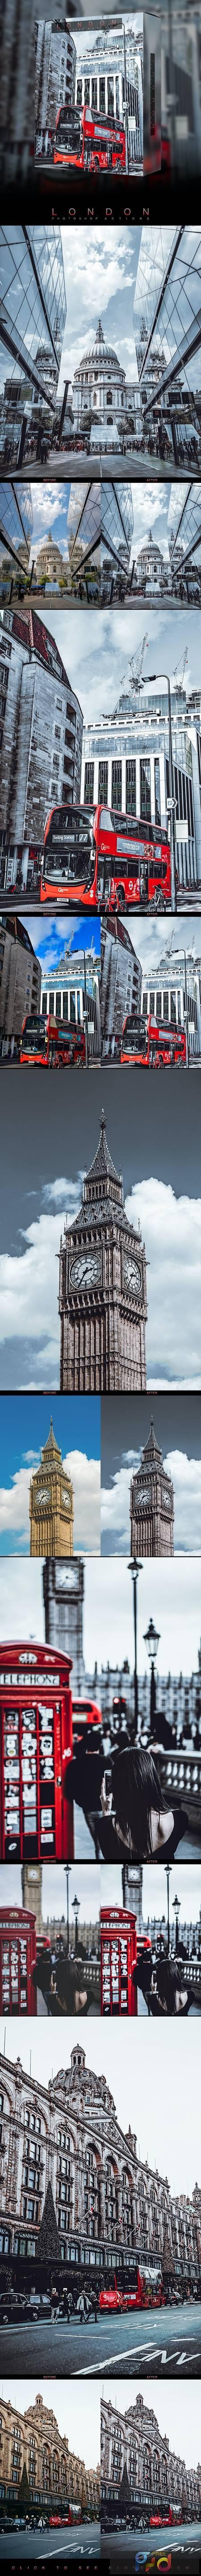 Famous Citys - London - Photoshop Action 26697744 1